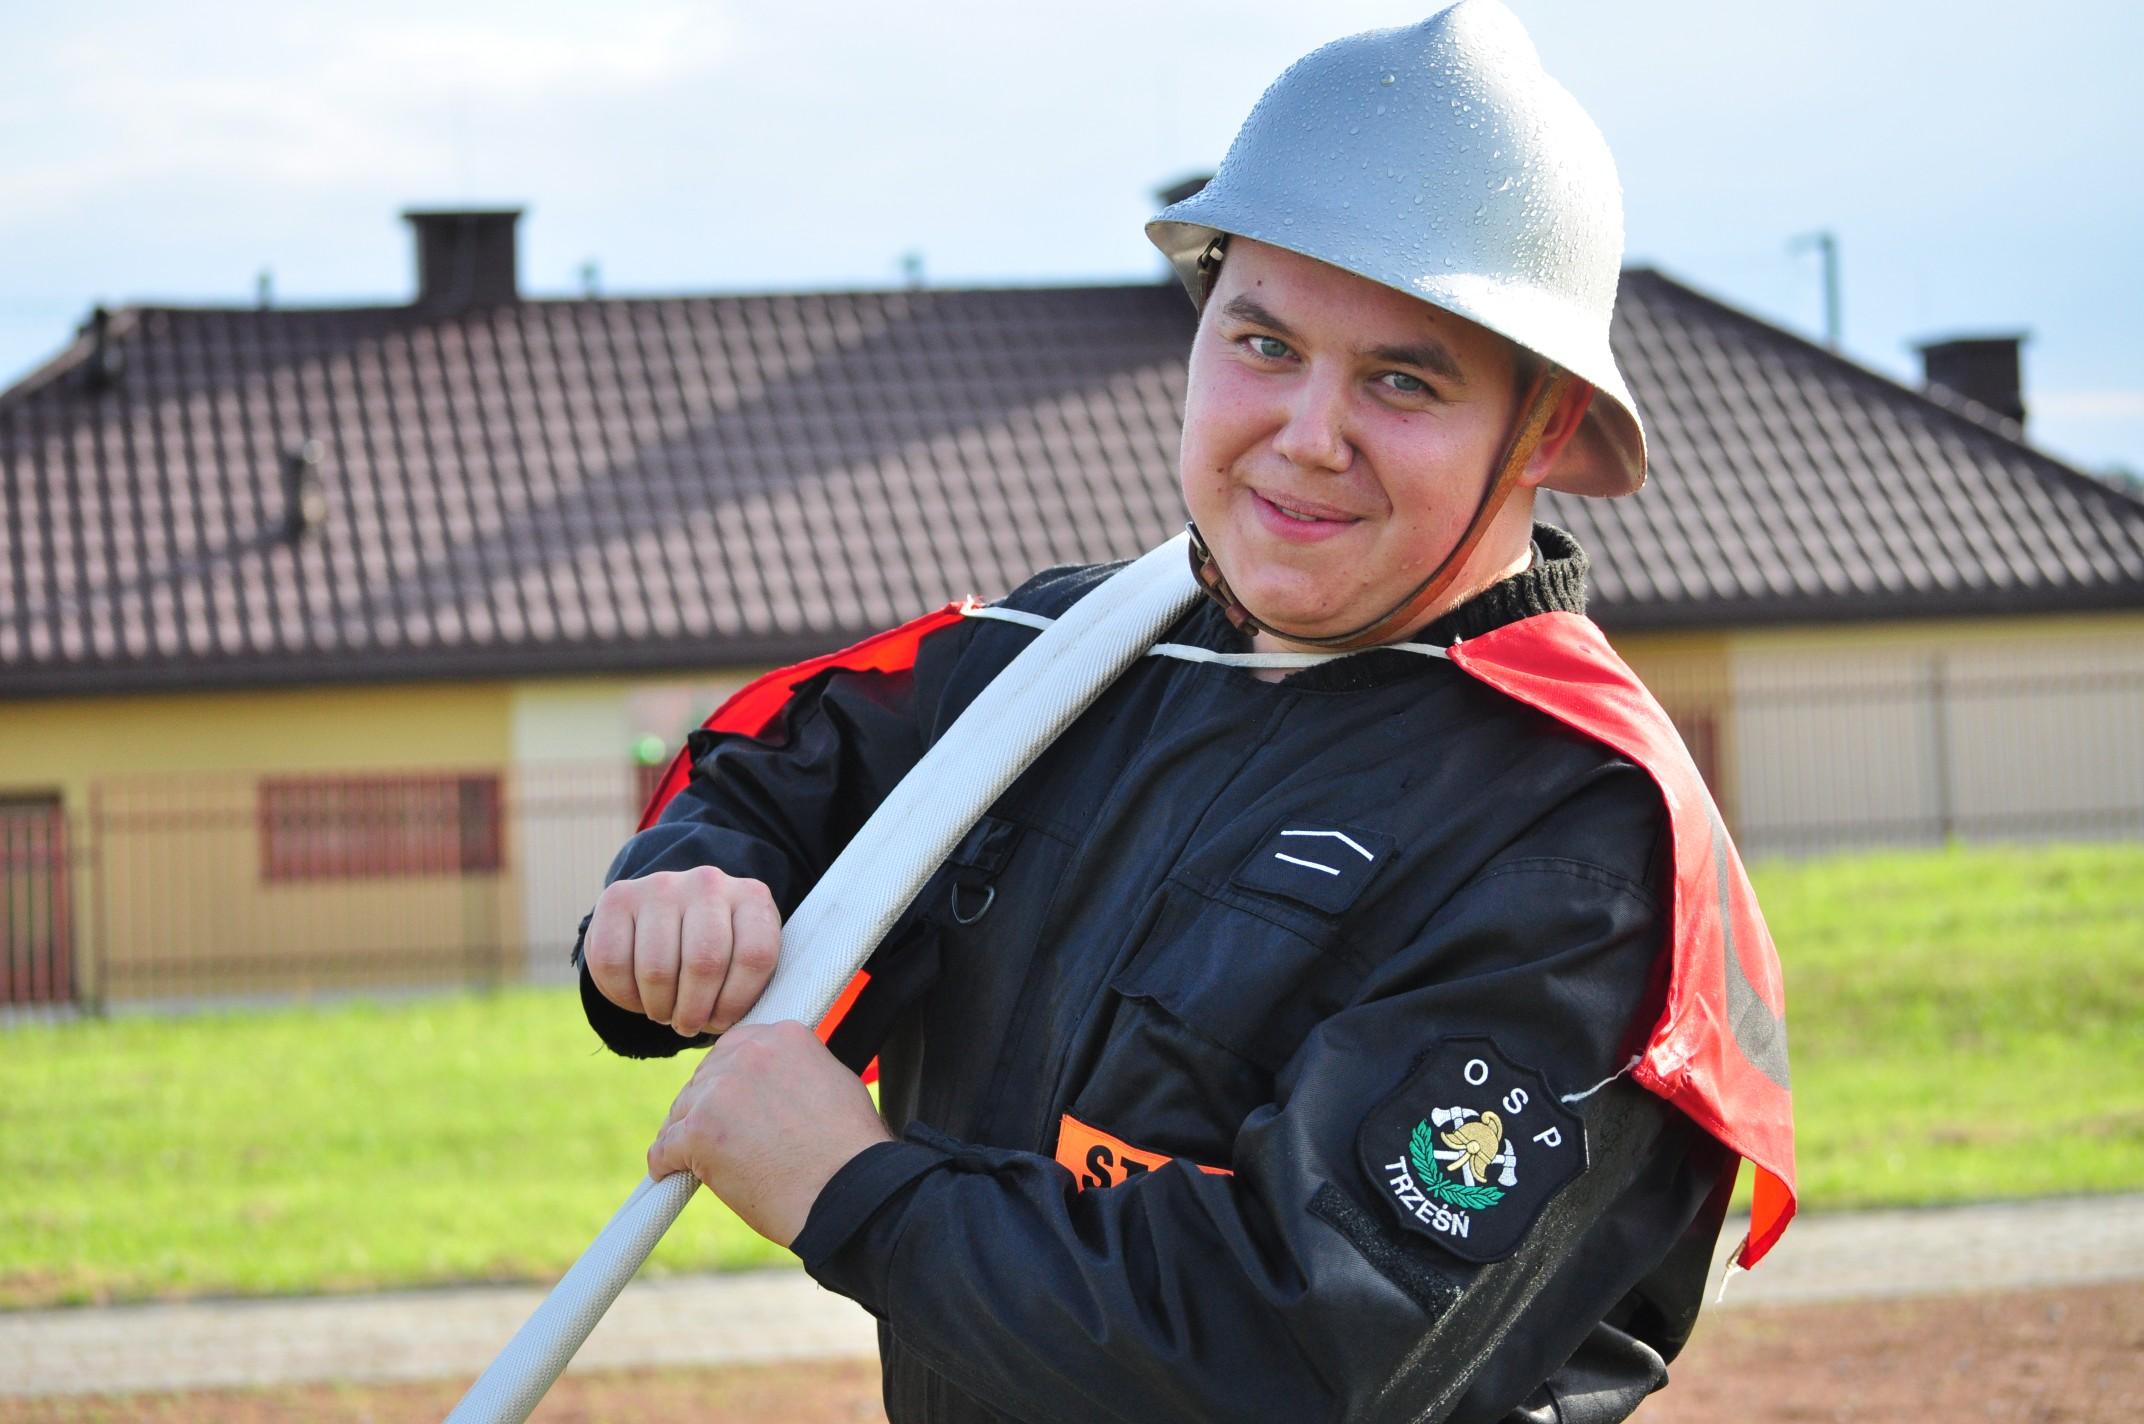 W gminie Niwiska odbyły się zawody strażackie. Zobaczcie zdjęcia z imprezy - Zdjęcie główne